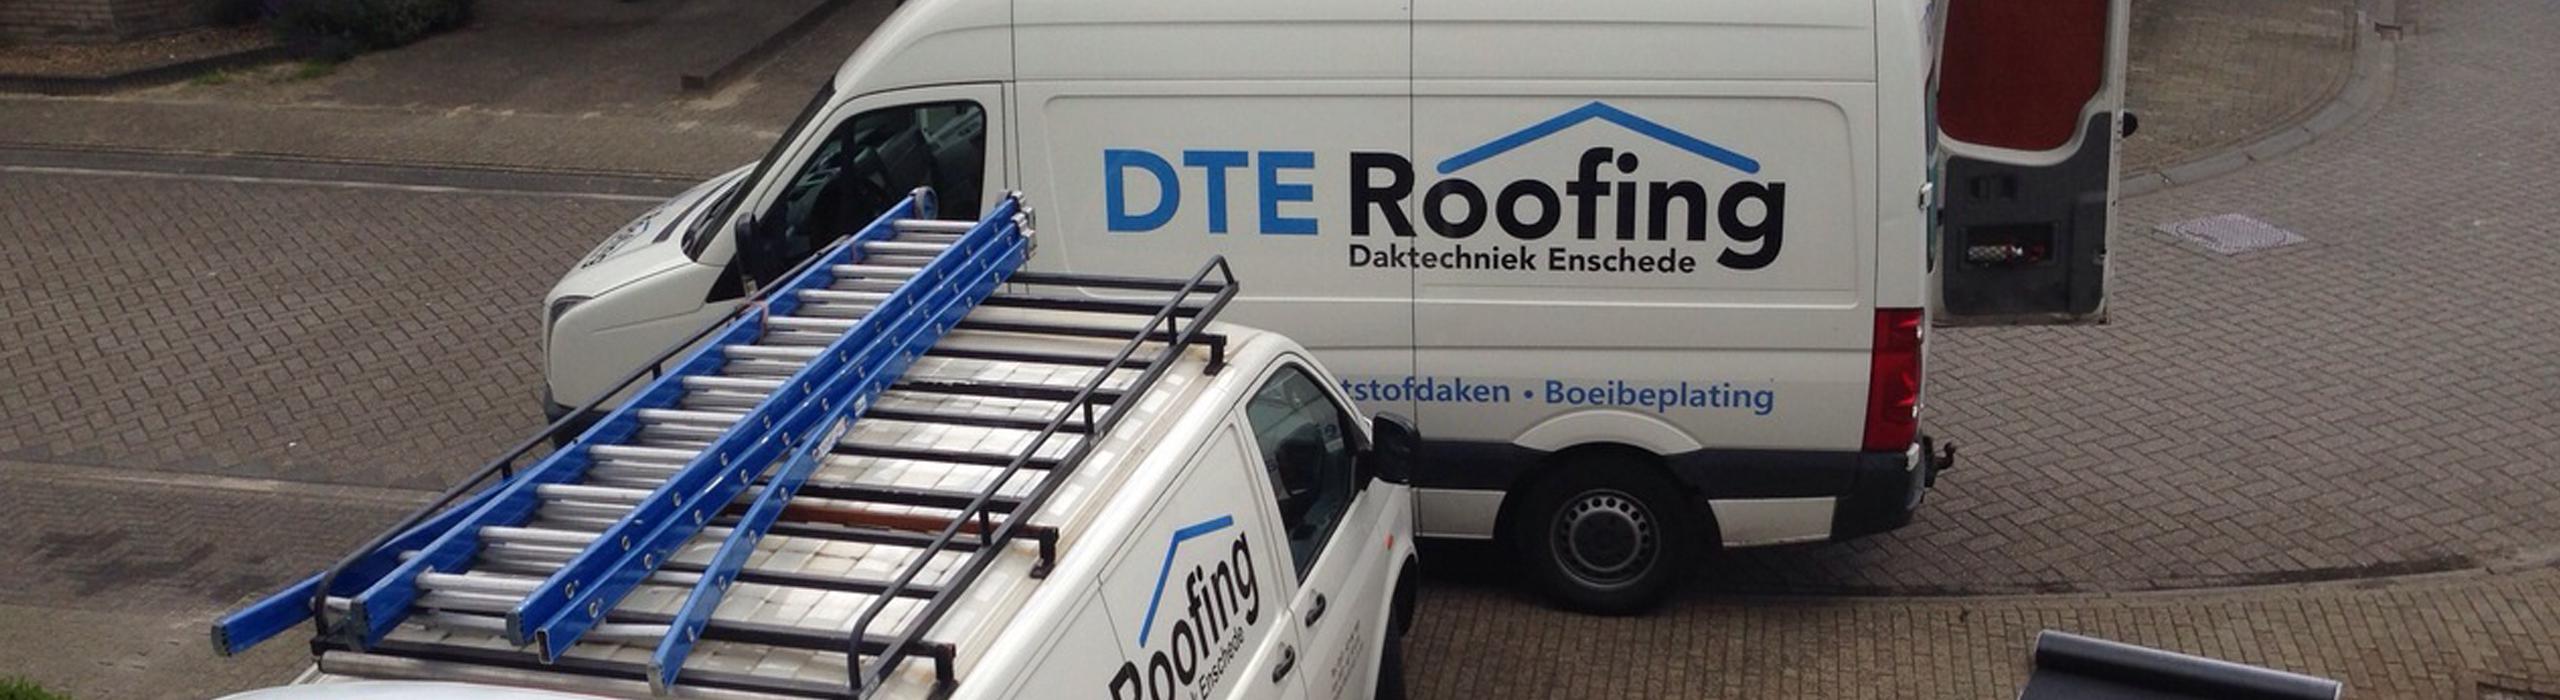 dakdekker enschede, kunststof dakbedekking, bitumineuse, resitrix, epdm, dakisolatie, dak reparatie, dak renovatie, dte roofing